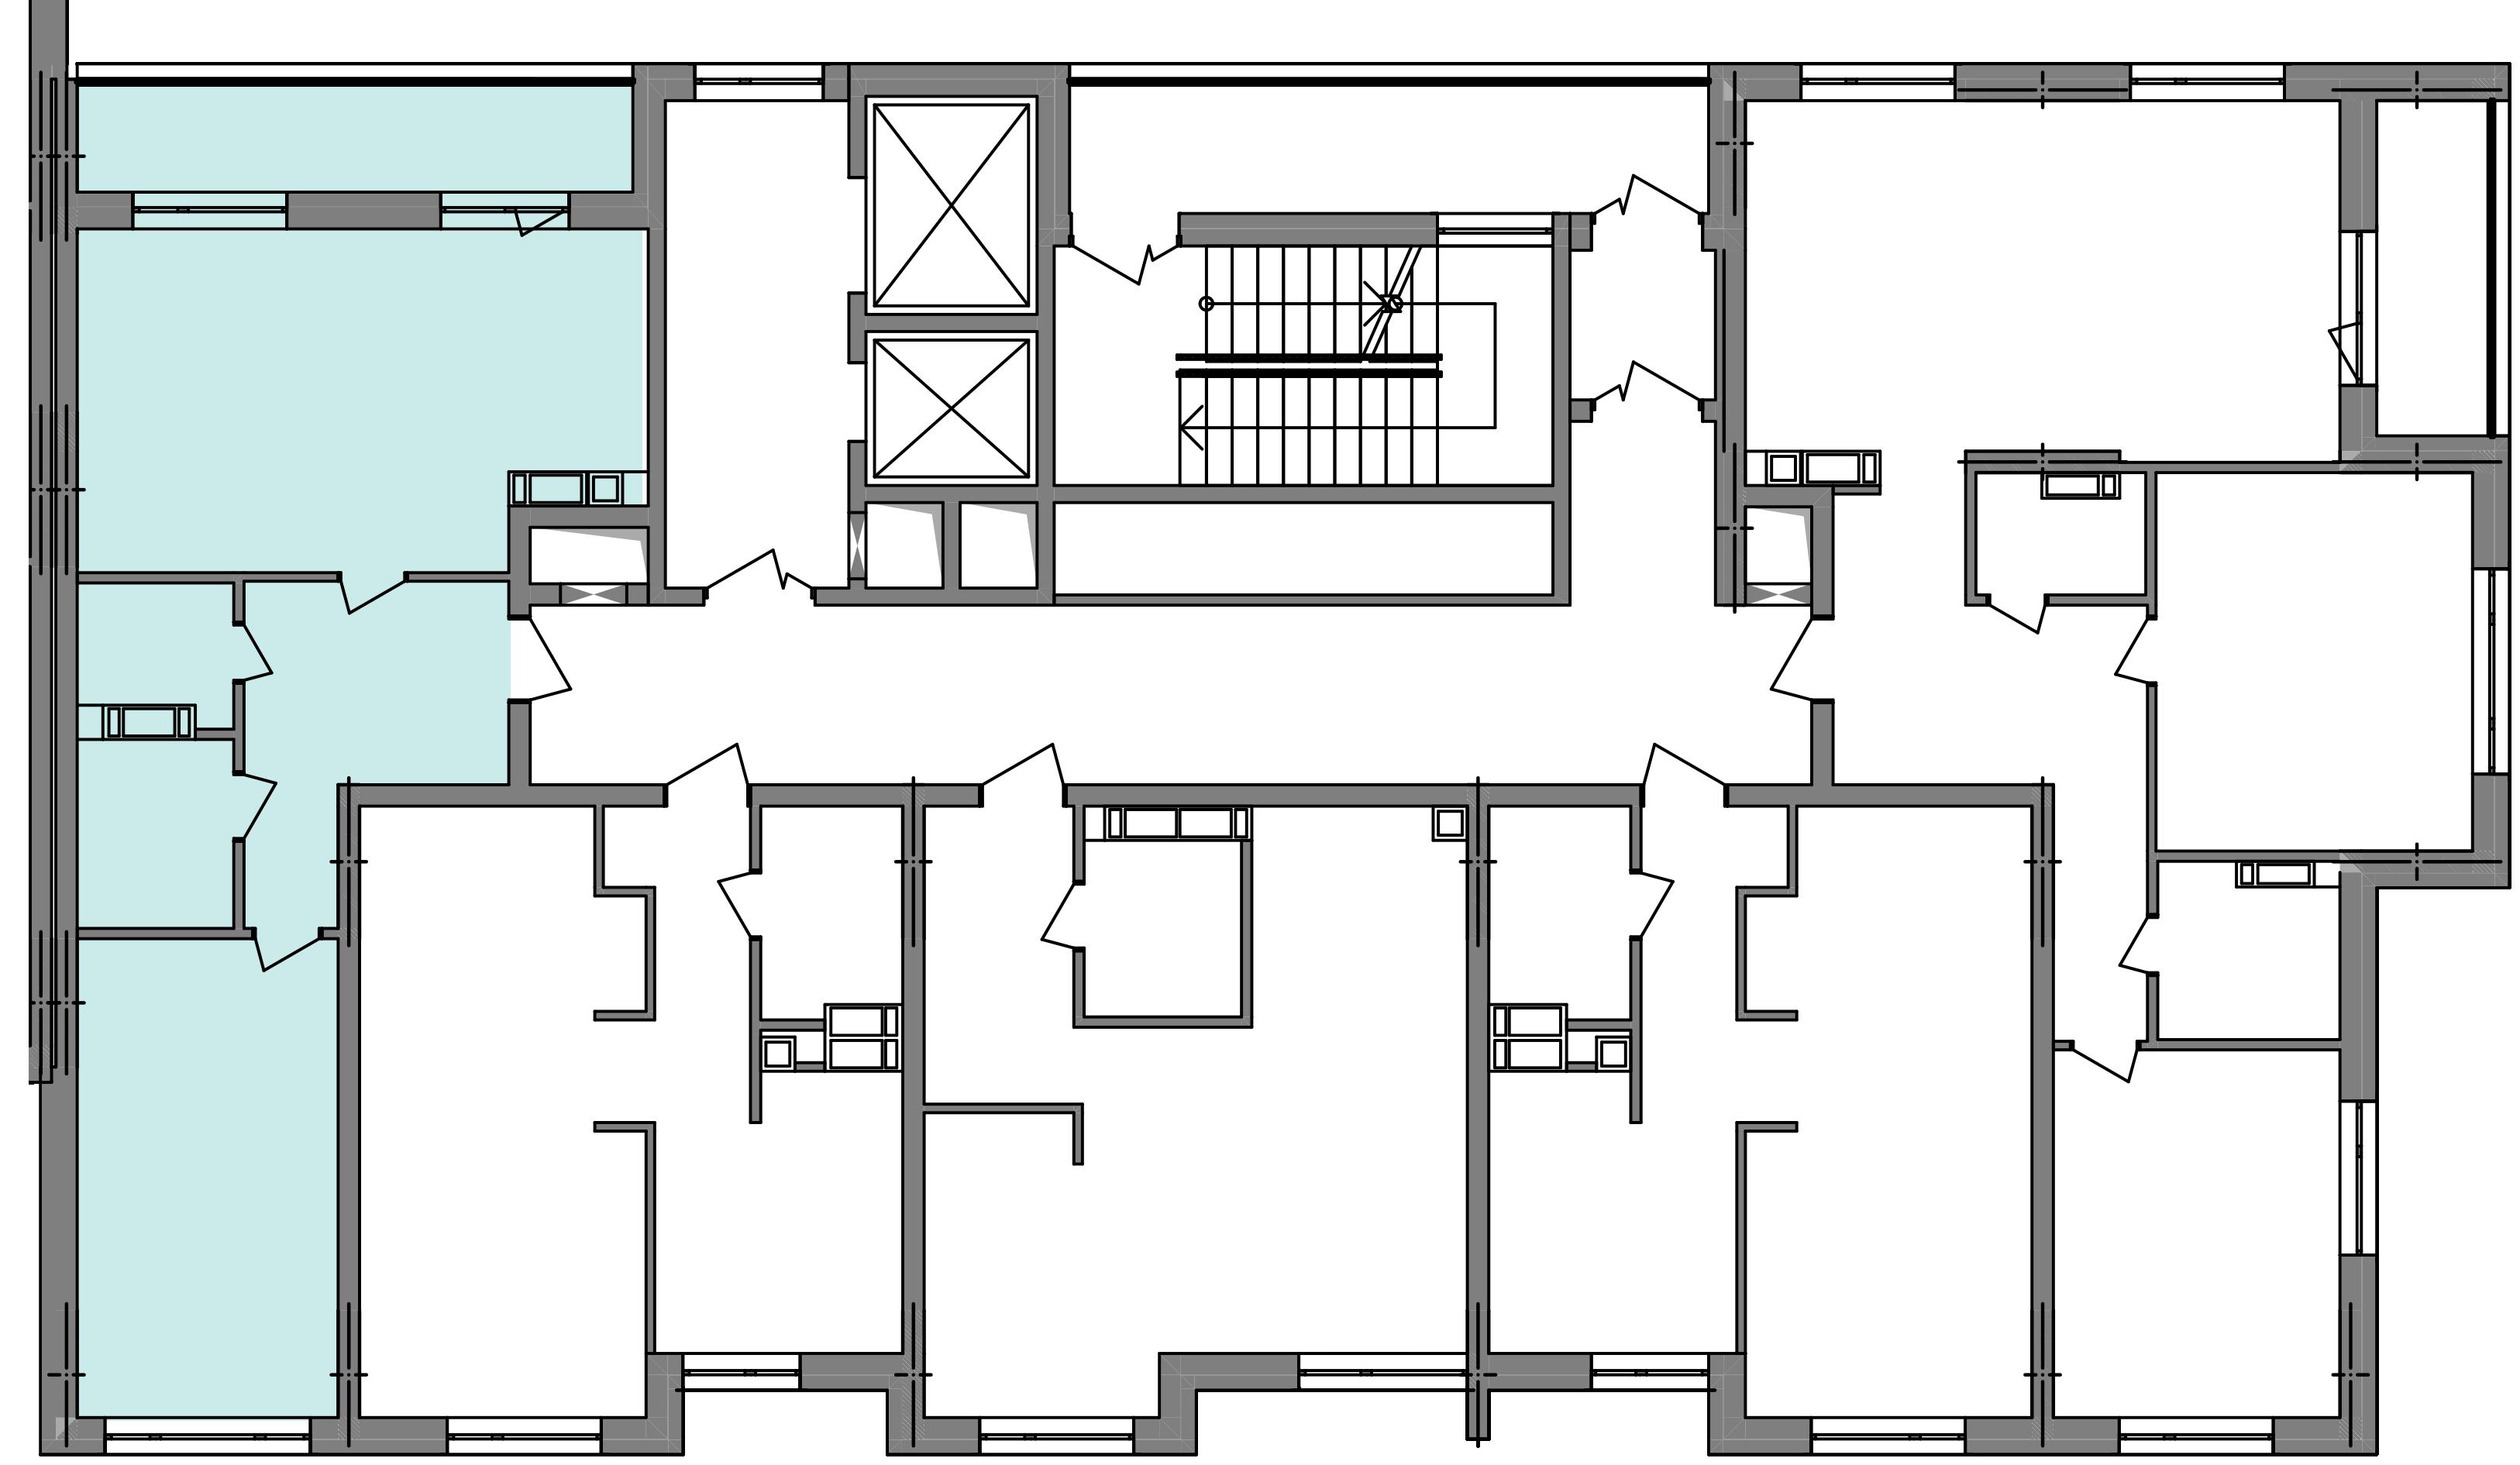 Двухкомнатная квартира 60,68 кв.м., тип 2.1, дом 3, секция 5 расположение на этаже